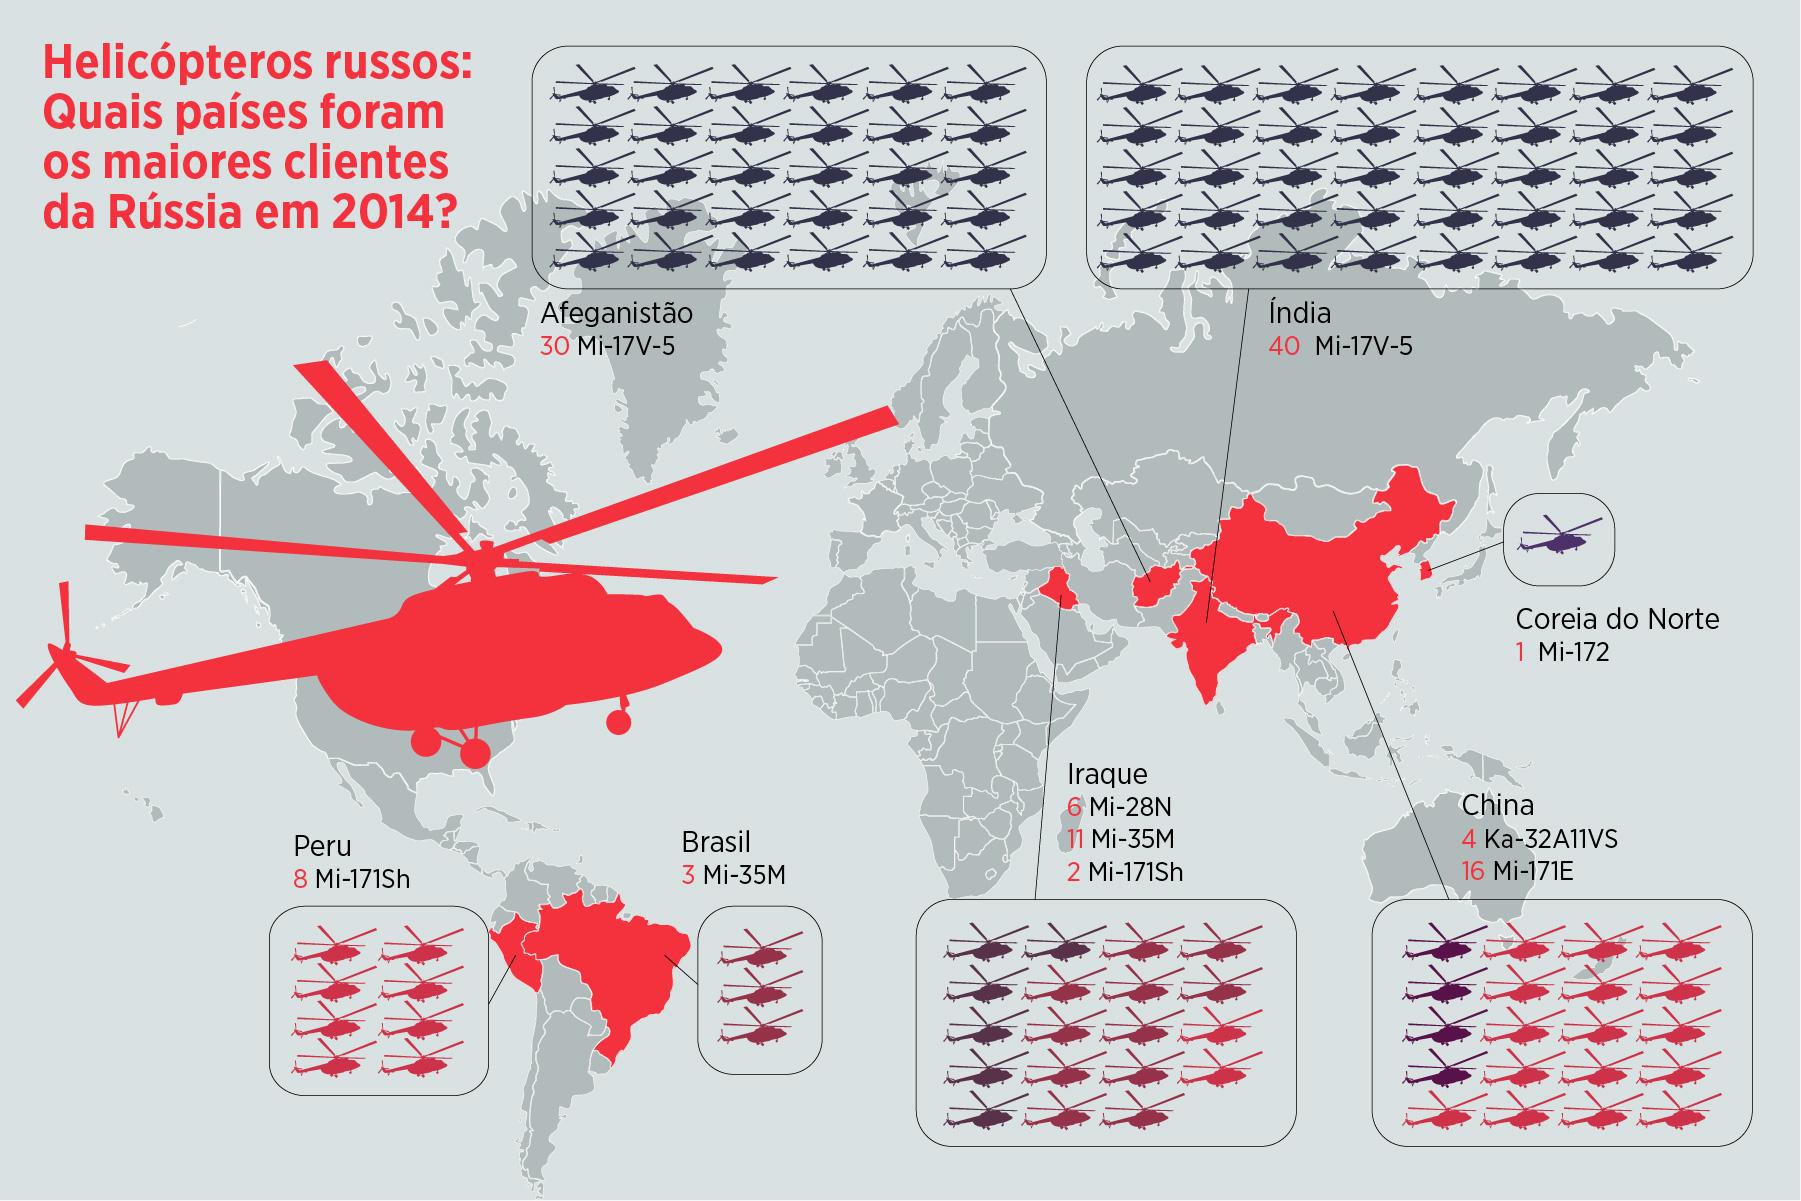 Geografia dos maiores fornecimentos de helicópteros russos width=